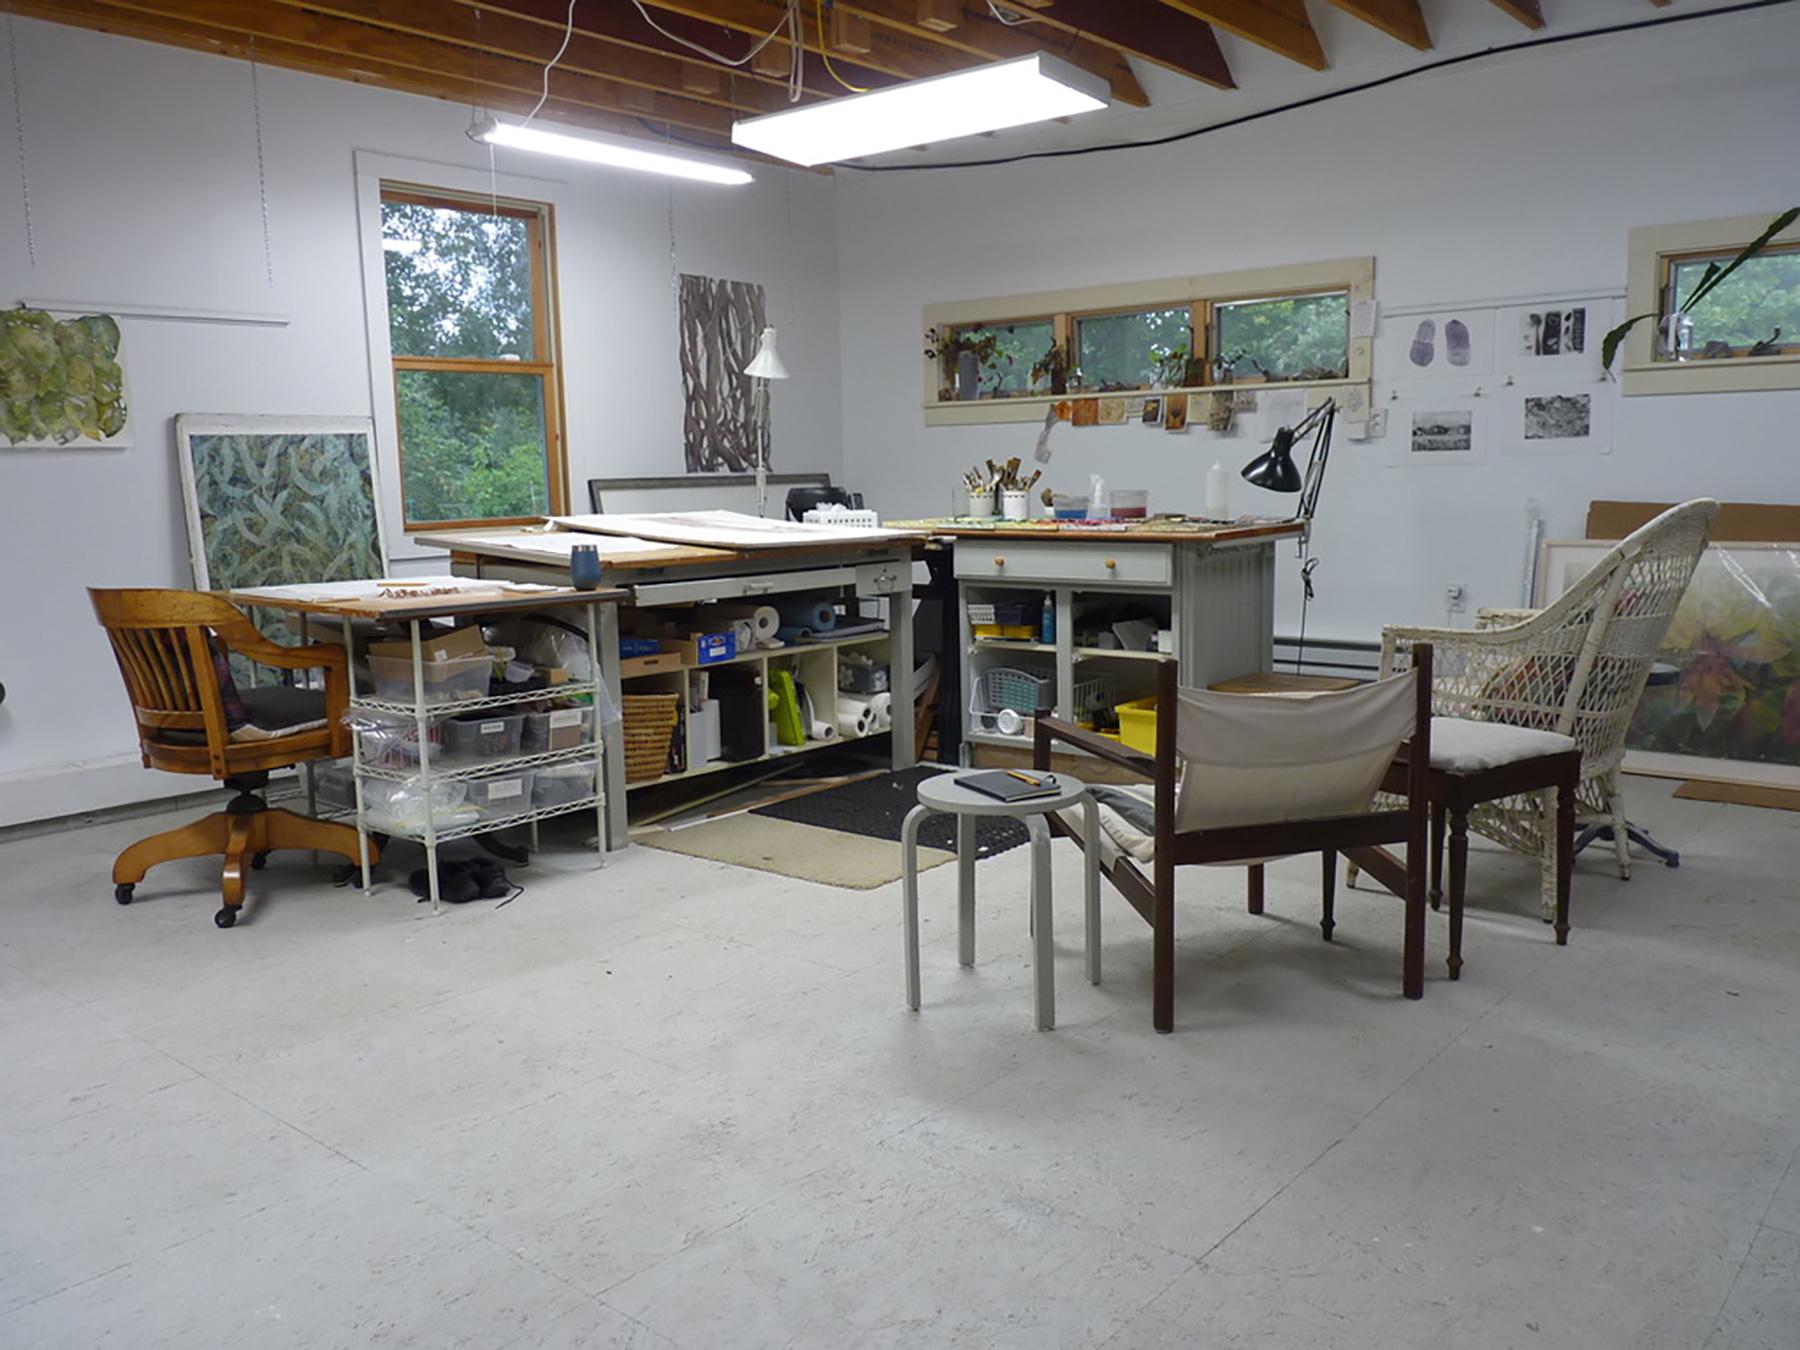 Neill's studio in Lee, MA